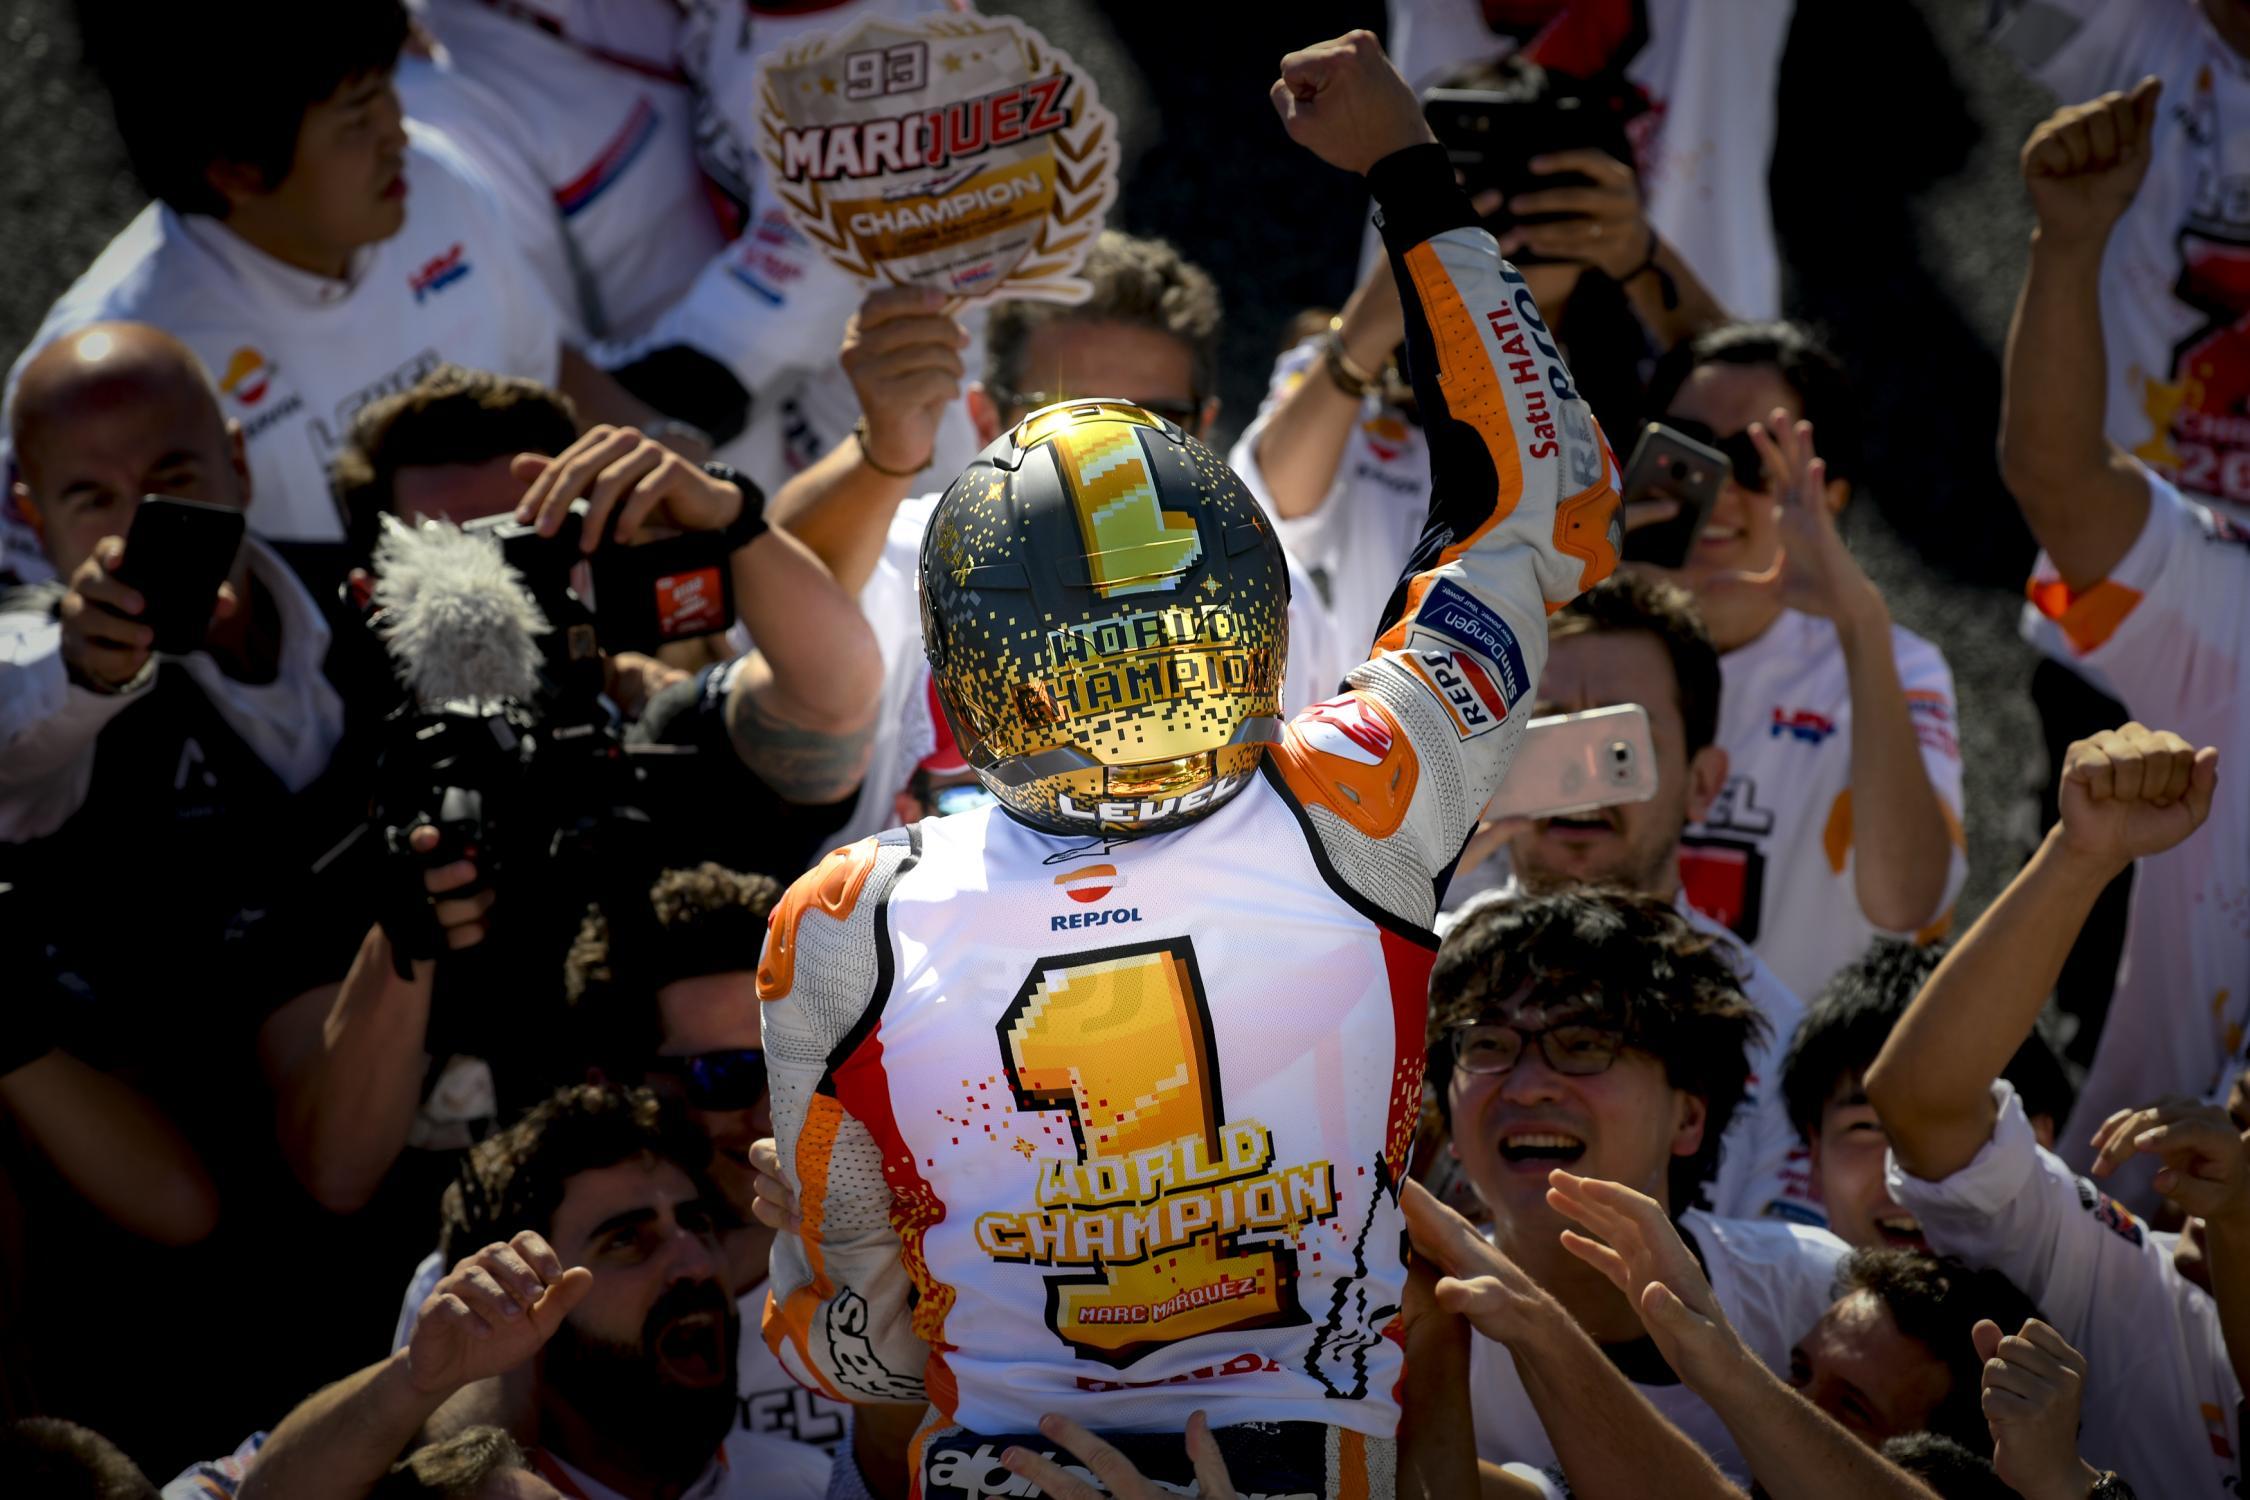 Le bar de la compétition moto ! - Page 38 _ds01421.gallery_full_top_fullscreen